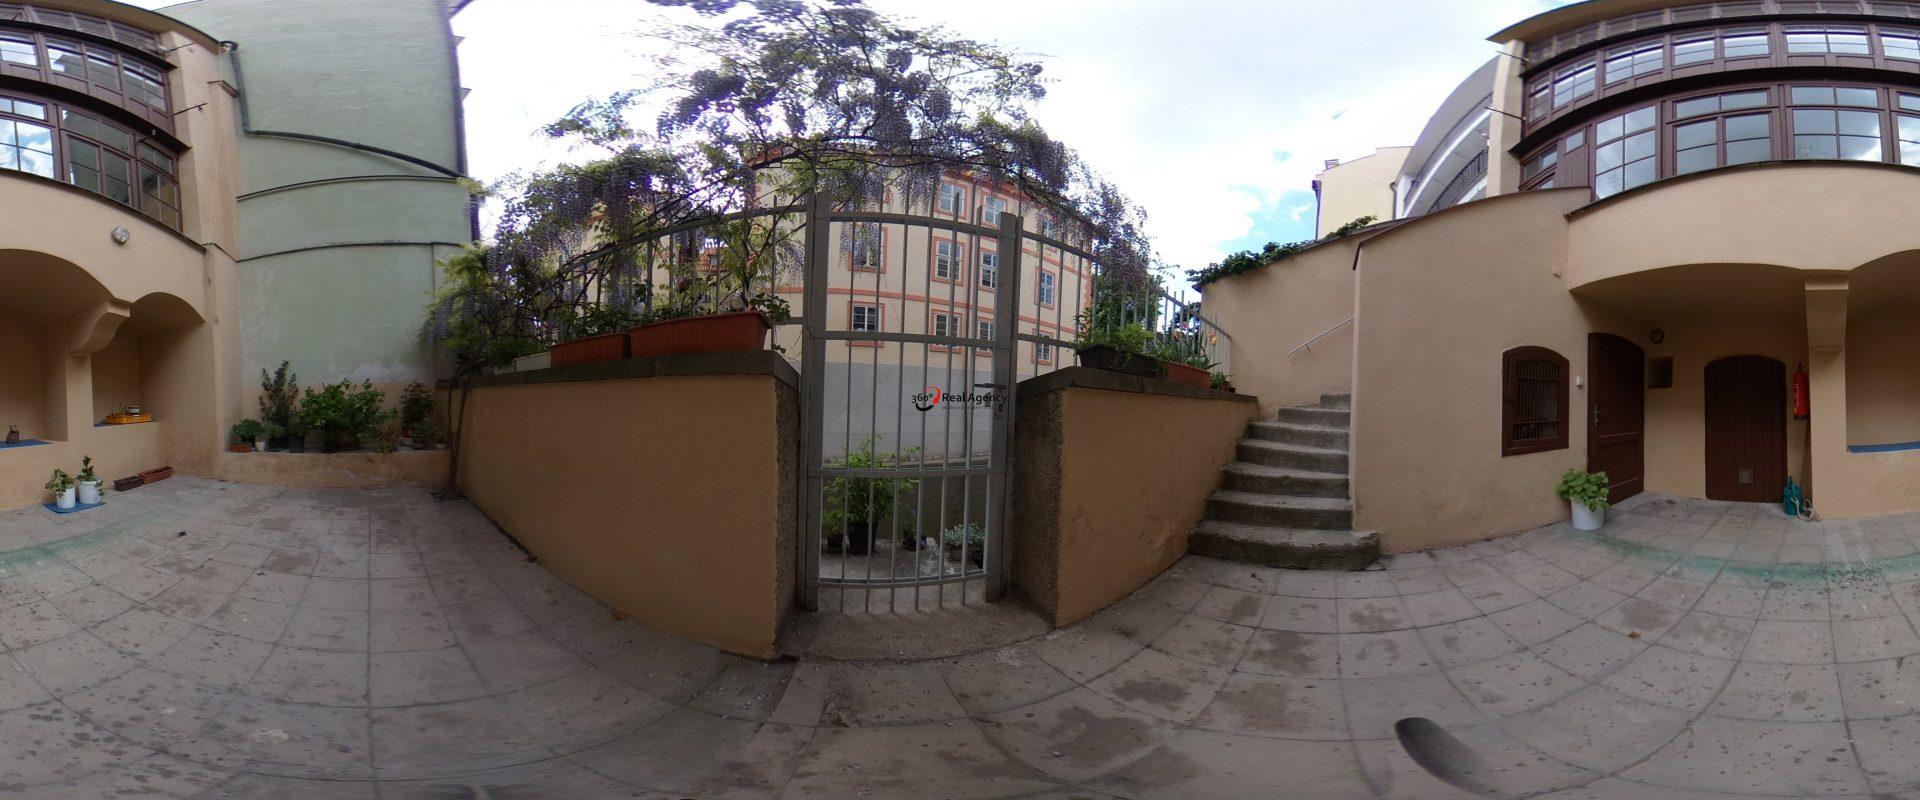 Prodej bytu 2+kk 78 m², Praha 1 Malá Strana.